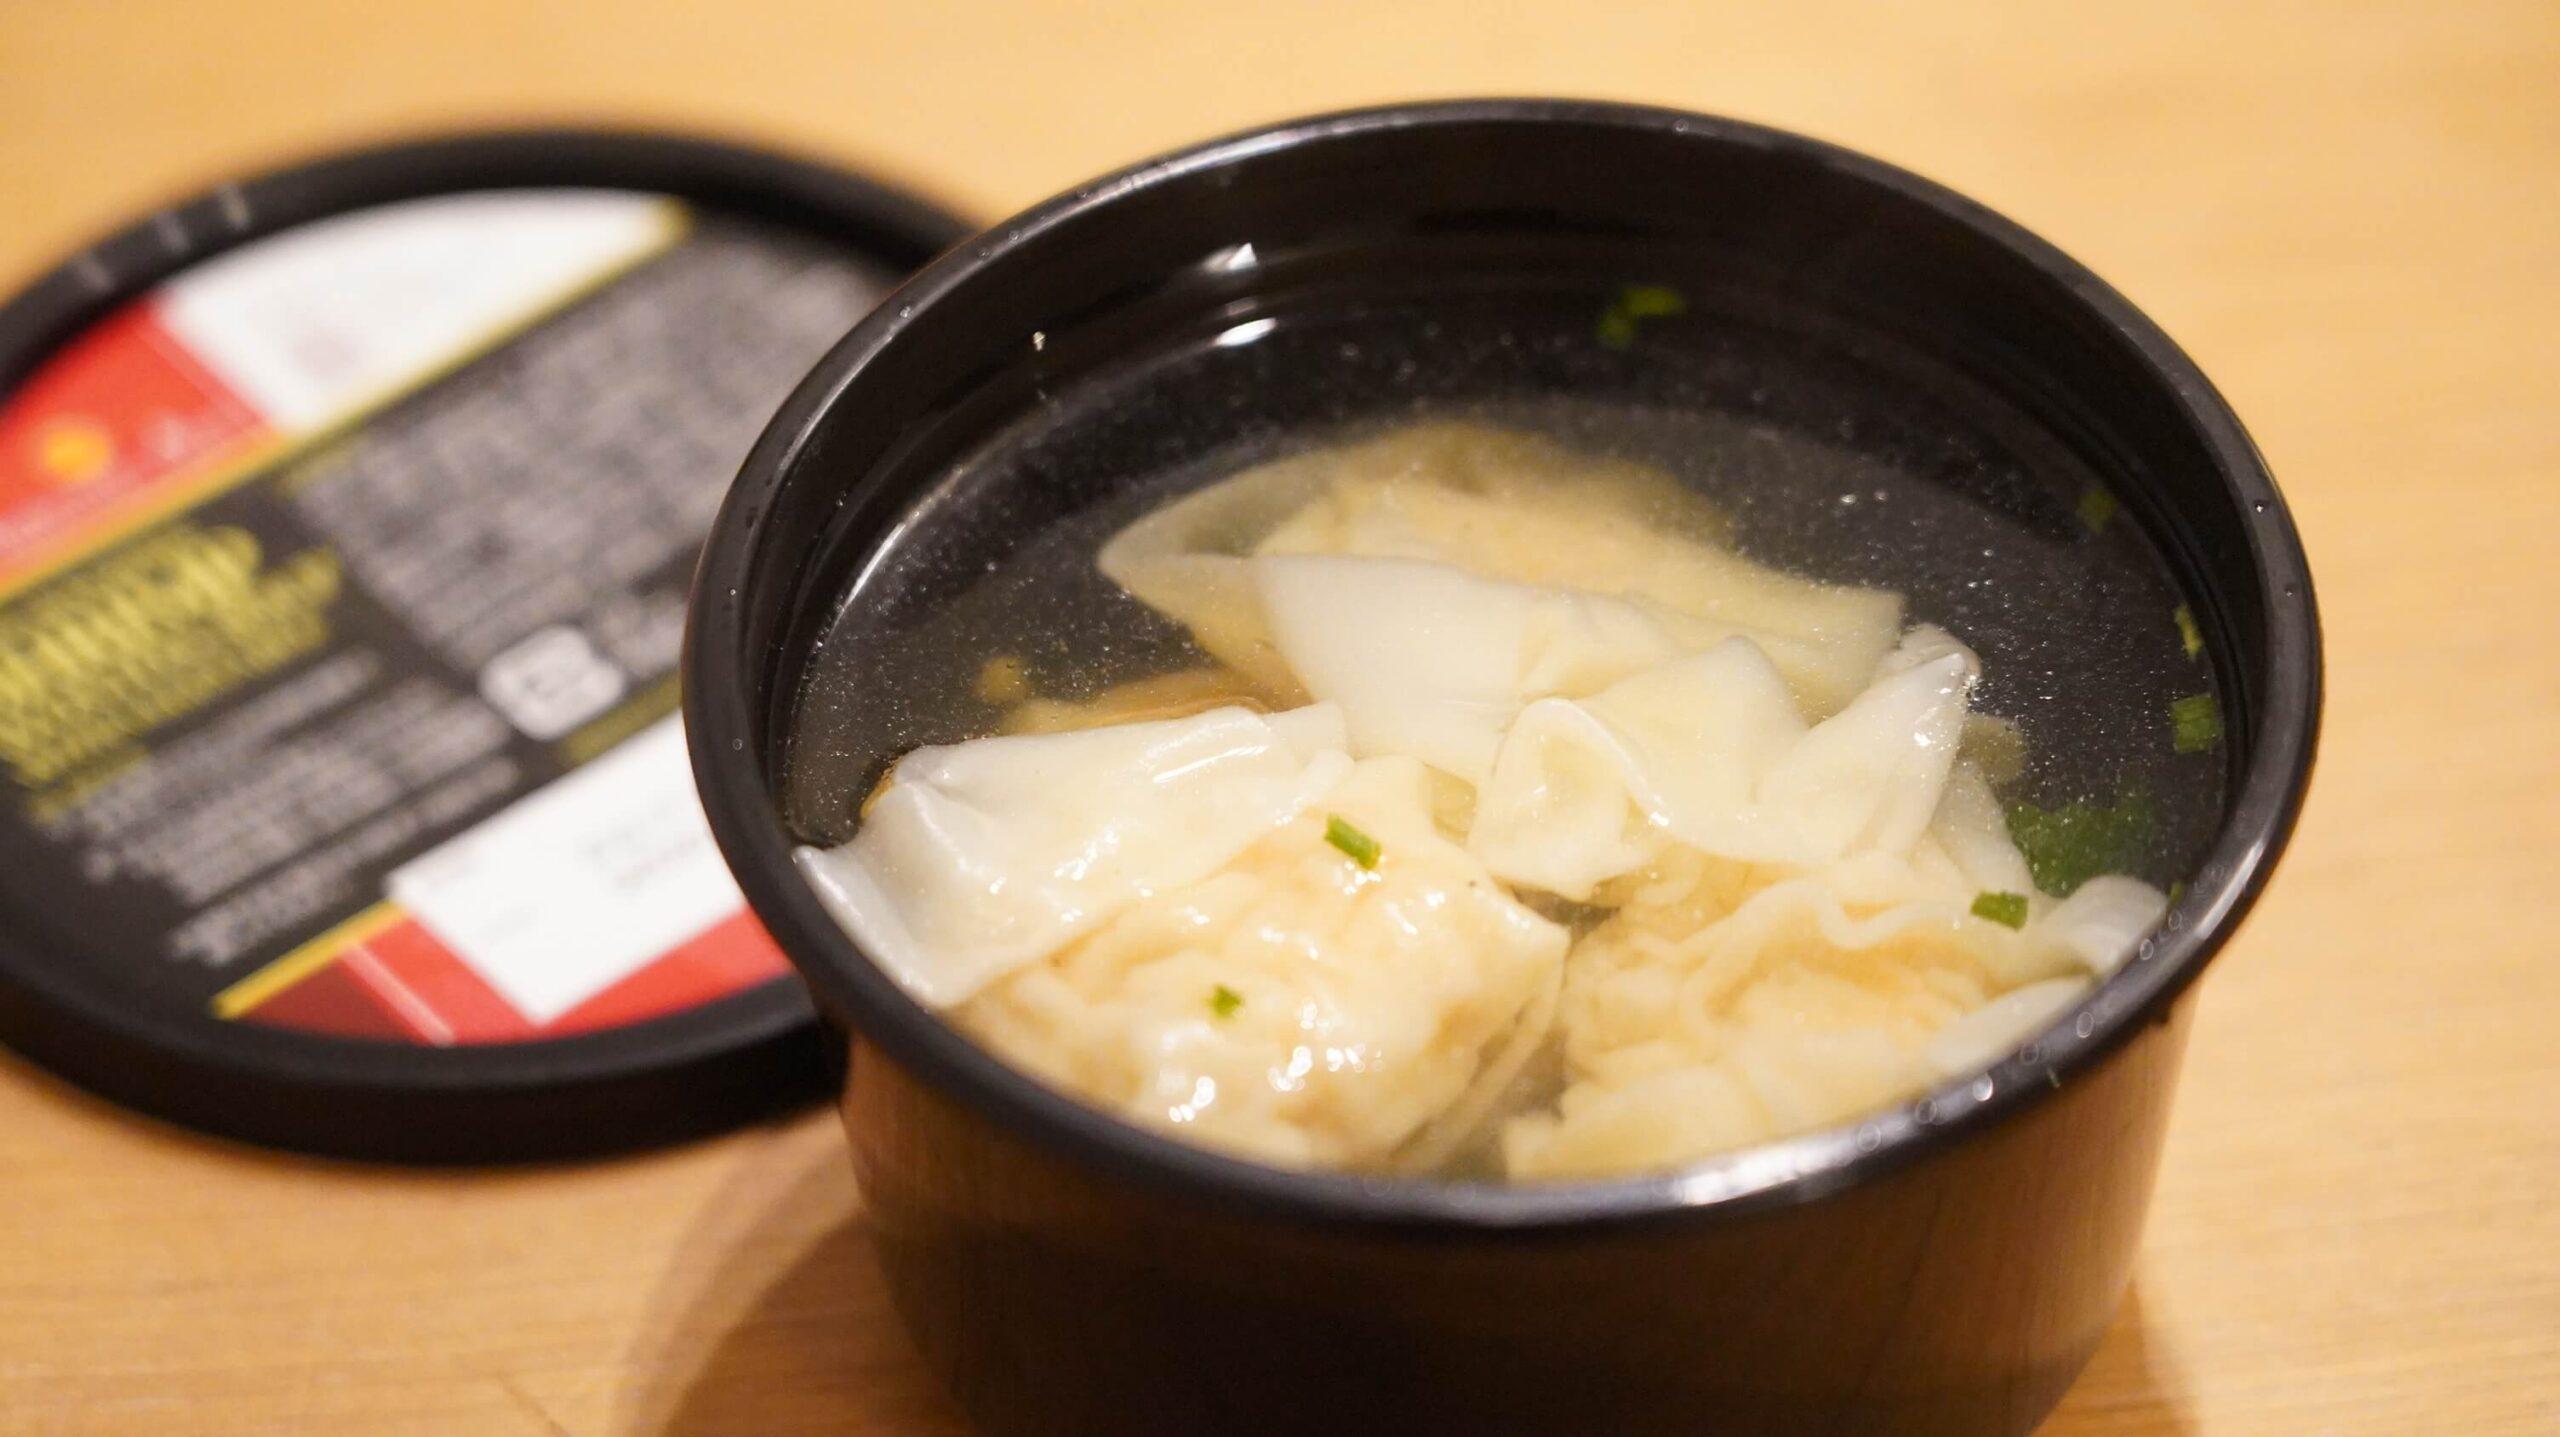 コストコの冷凍食品「海老ワンタンスープ」の調理後の写真